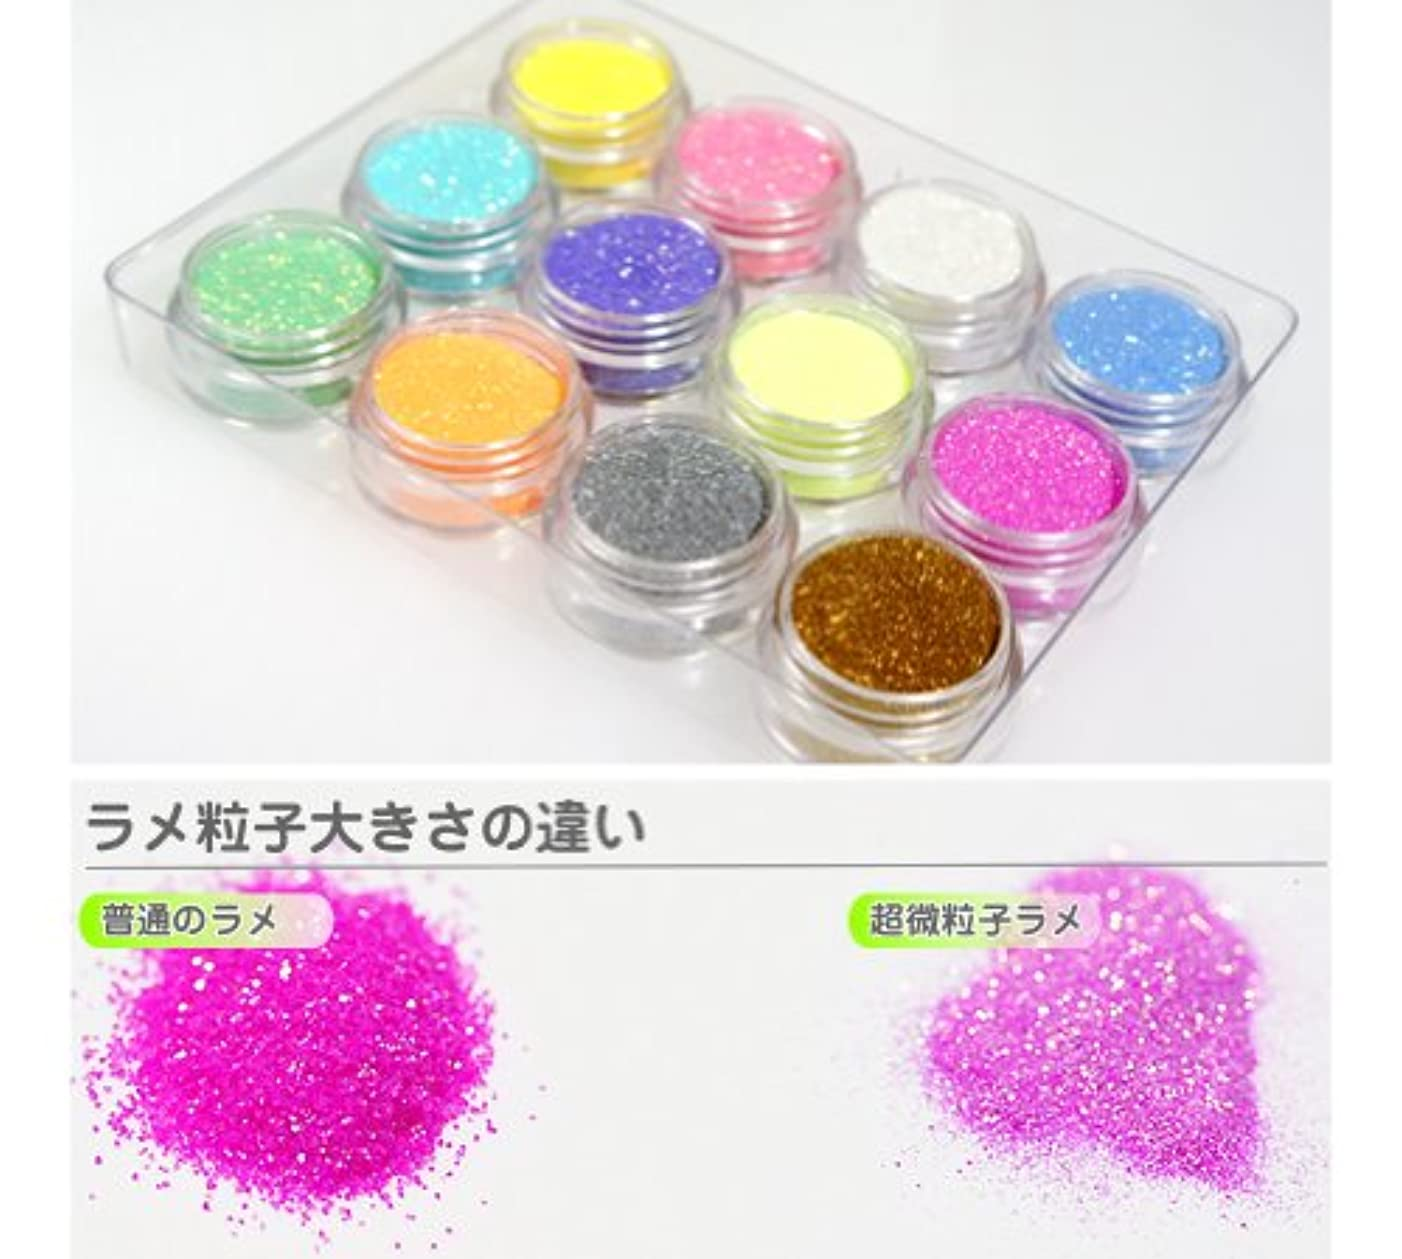 うめき声図氷ネオコレクションオリジナル☆超微粒子ラメパウダー0.1mm、砂のようにサラサラで抜群の発色 ジェルネイルアートに!